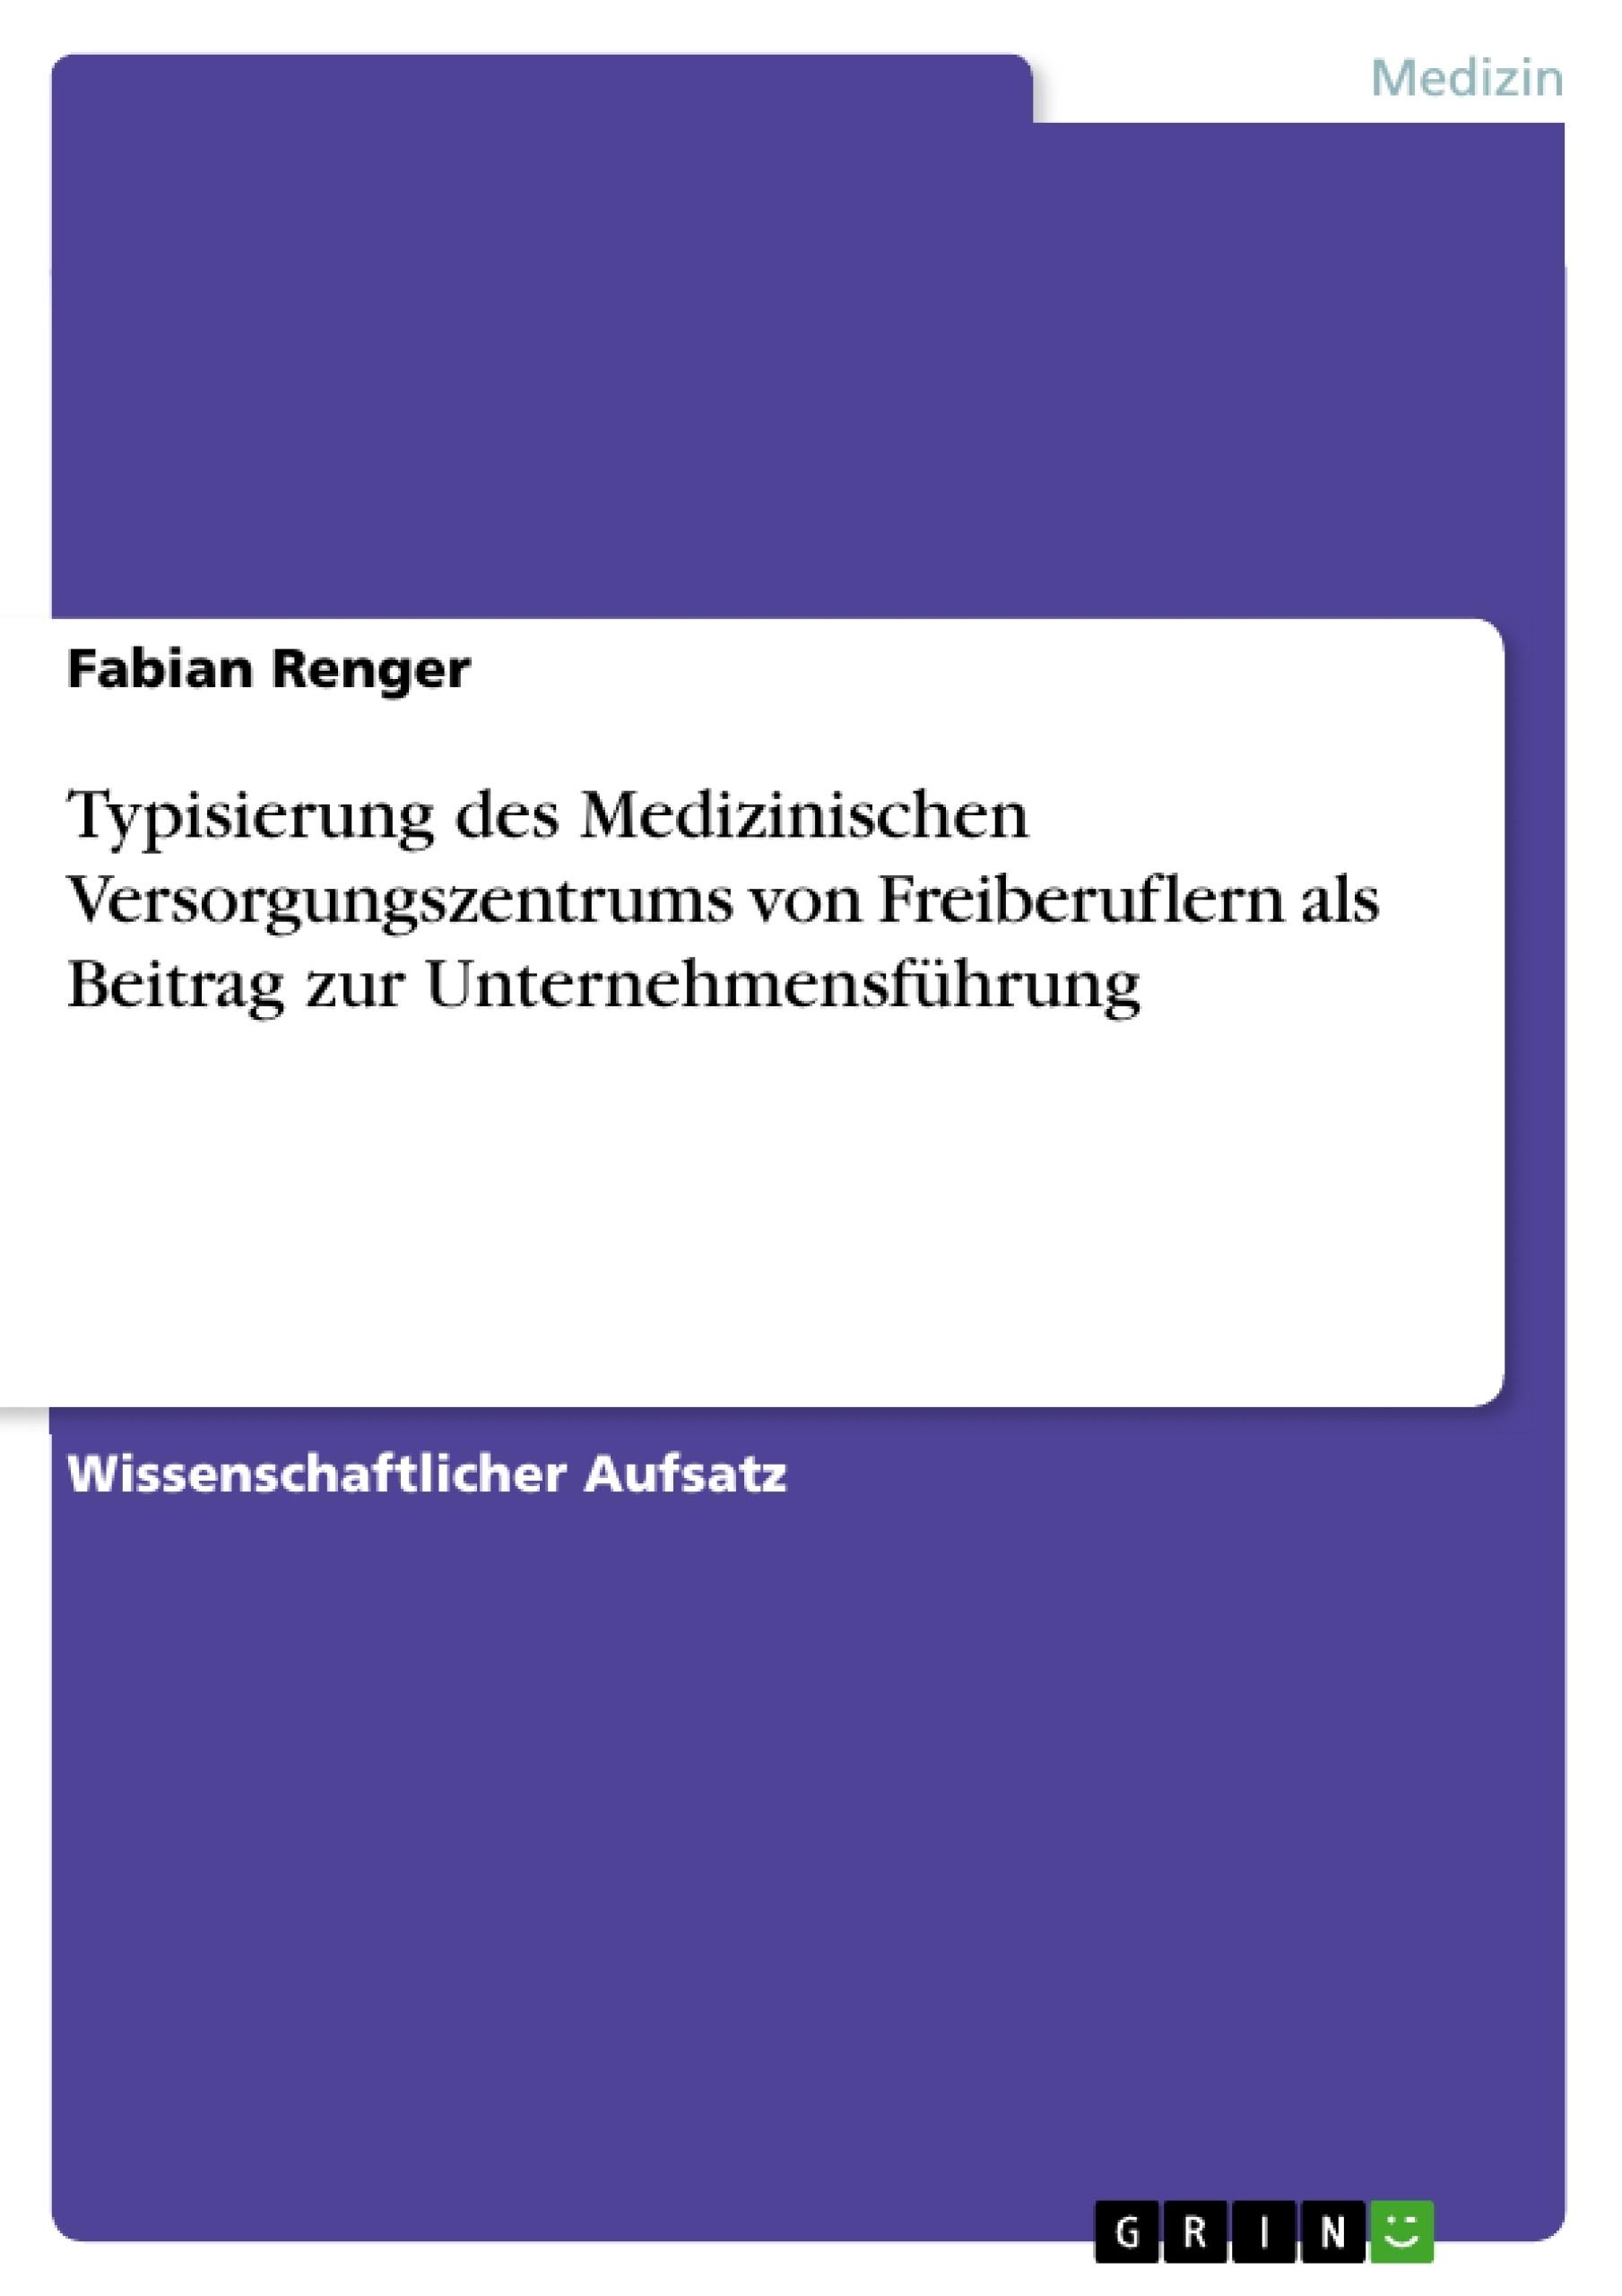 Titel: Typisierung des Medizinischen Versorgungszentrums von Freiberuflern als Beitrag zur Unternehmensführung